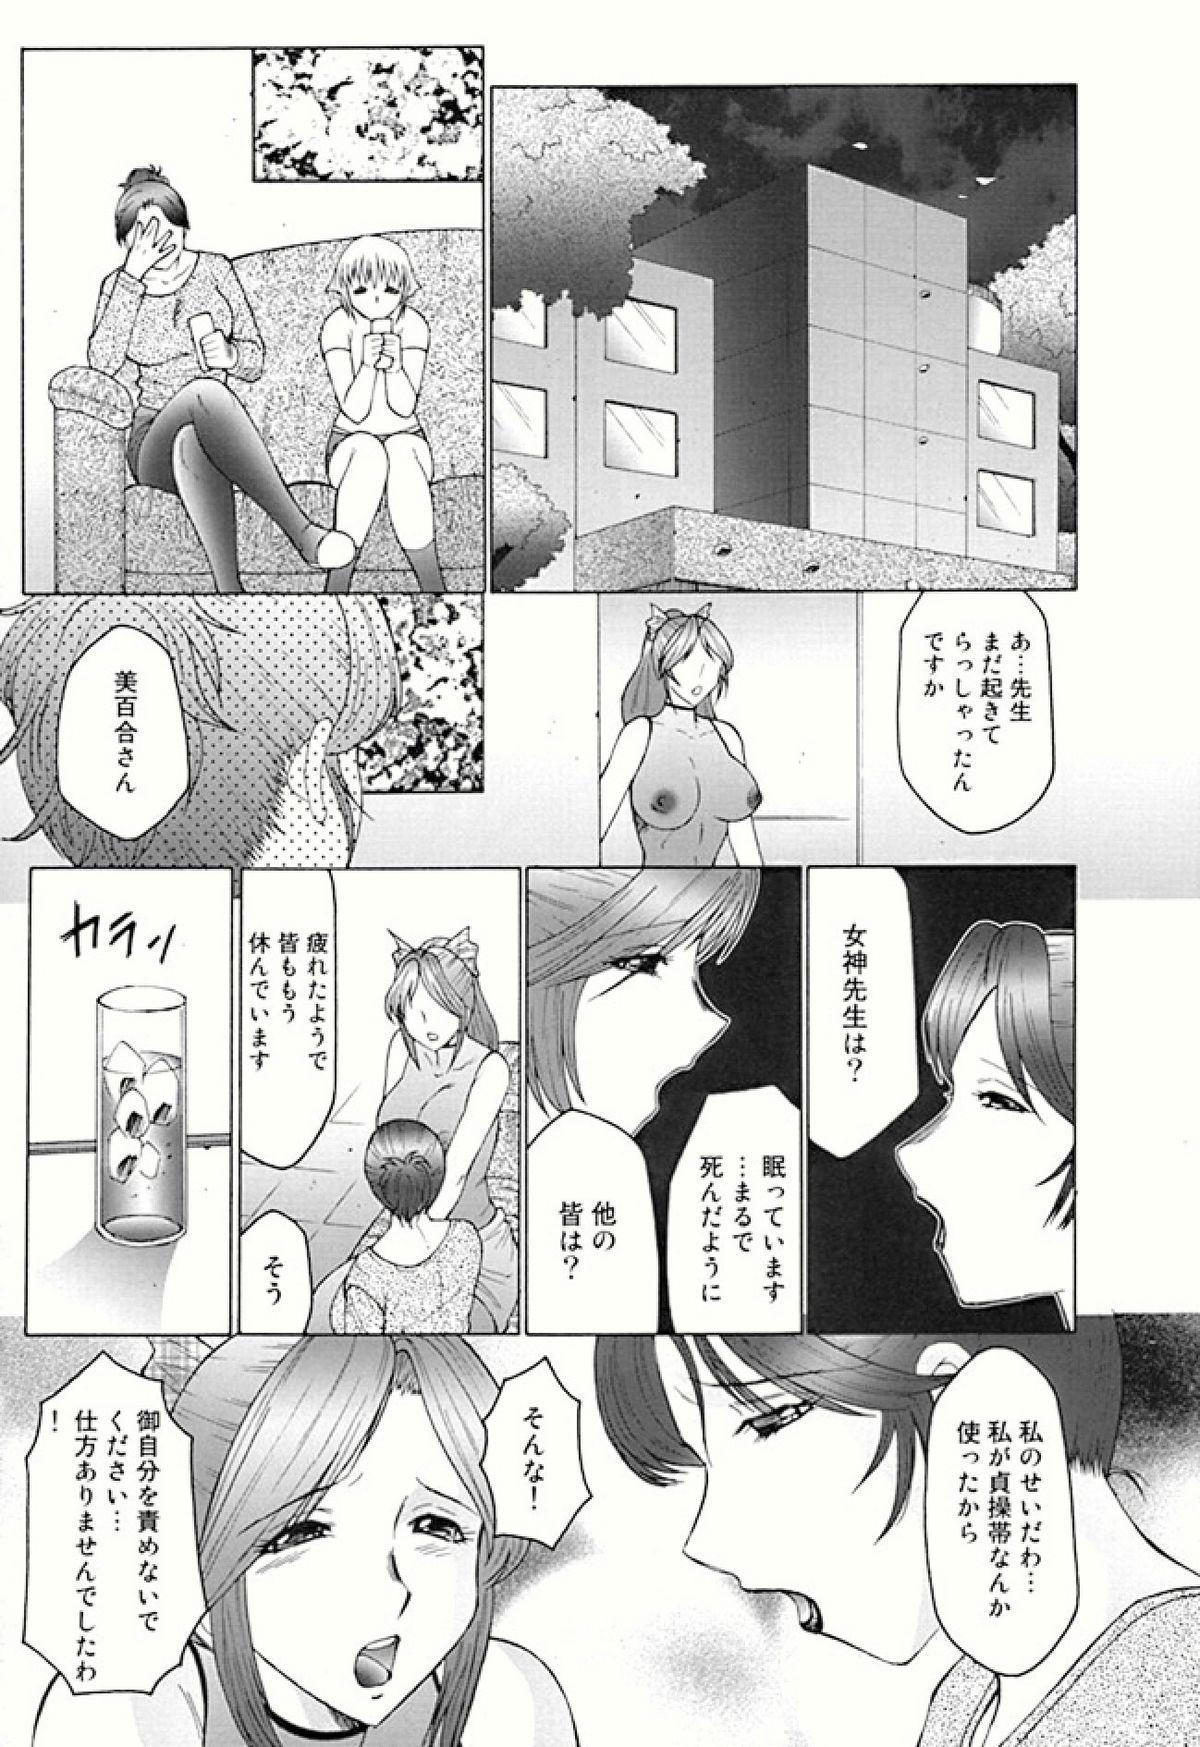 Futagami - Futanari Onna Kyoushi Zecchou Hiroku 118